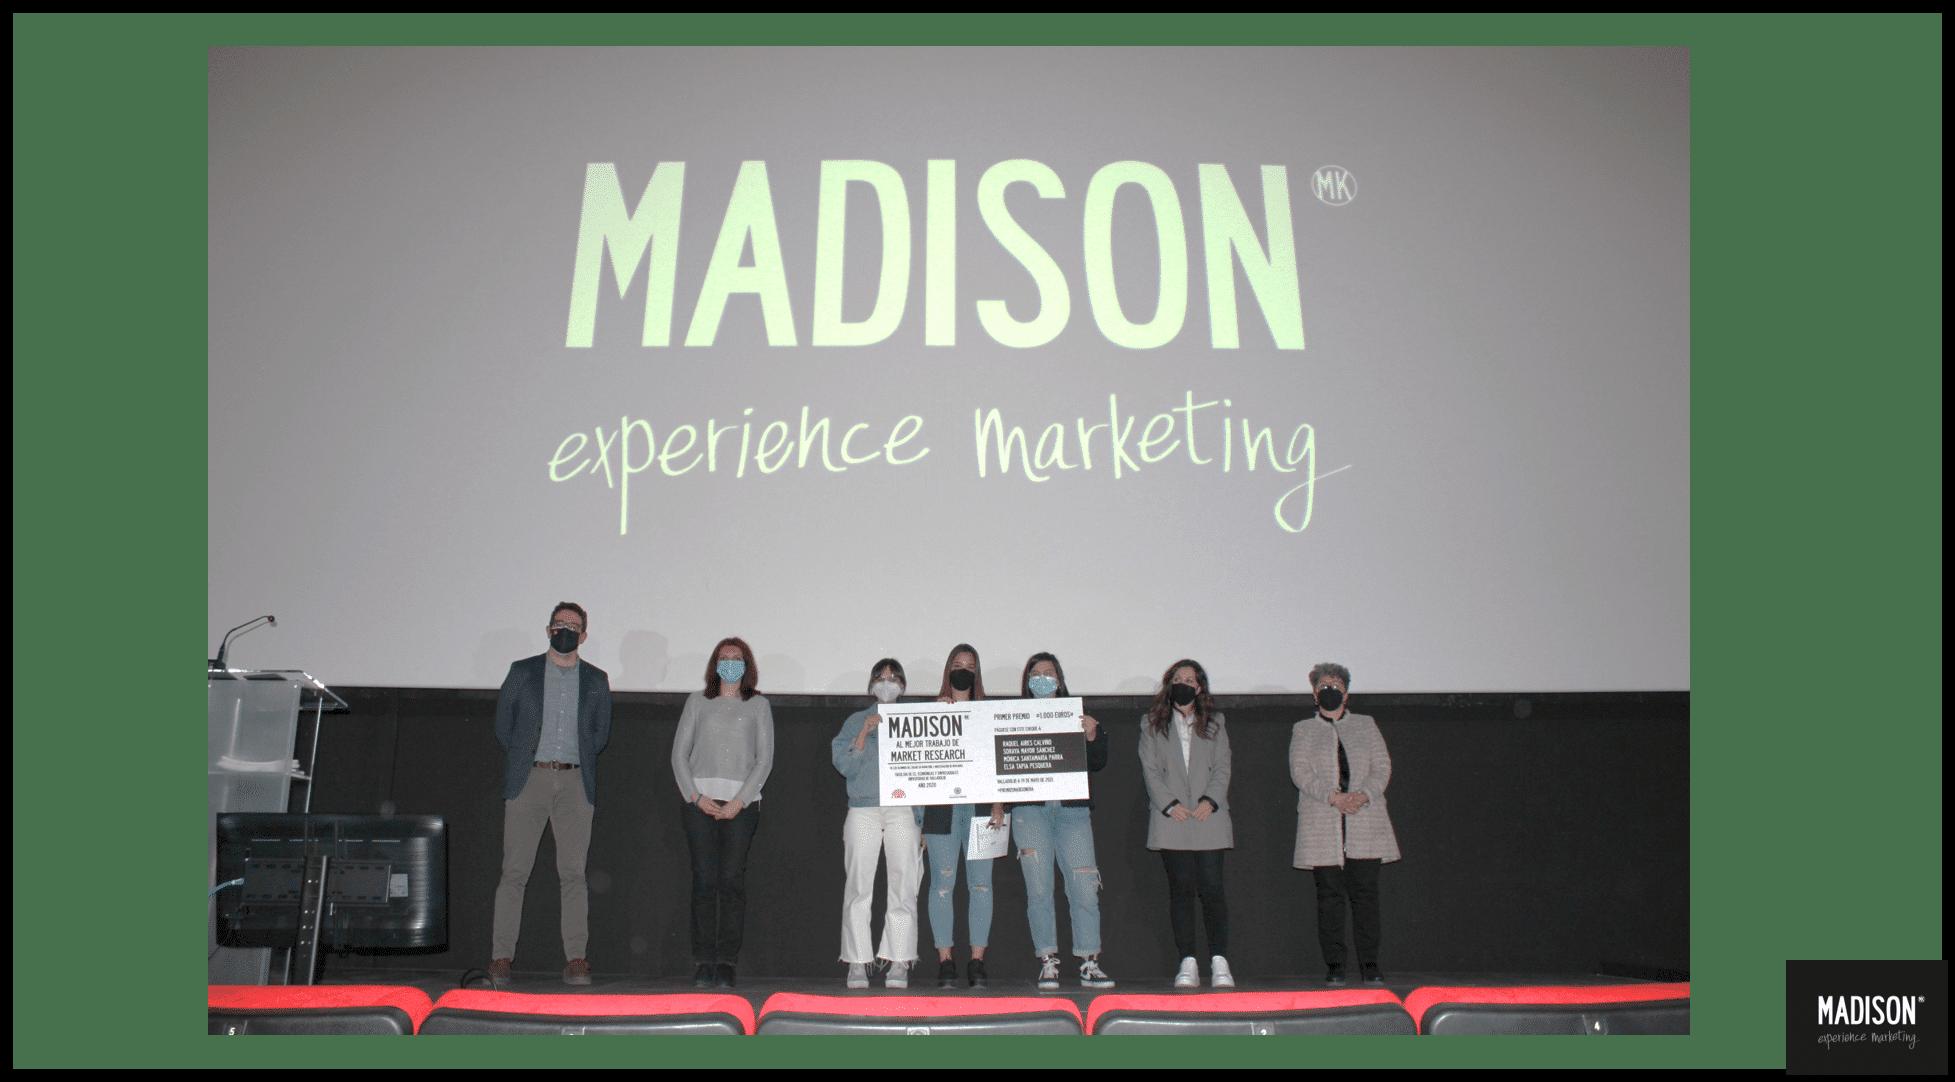 Premios madison universidad de valladolid 2020 investigacion de mercados